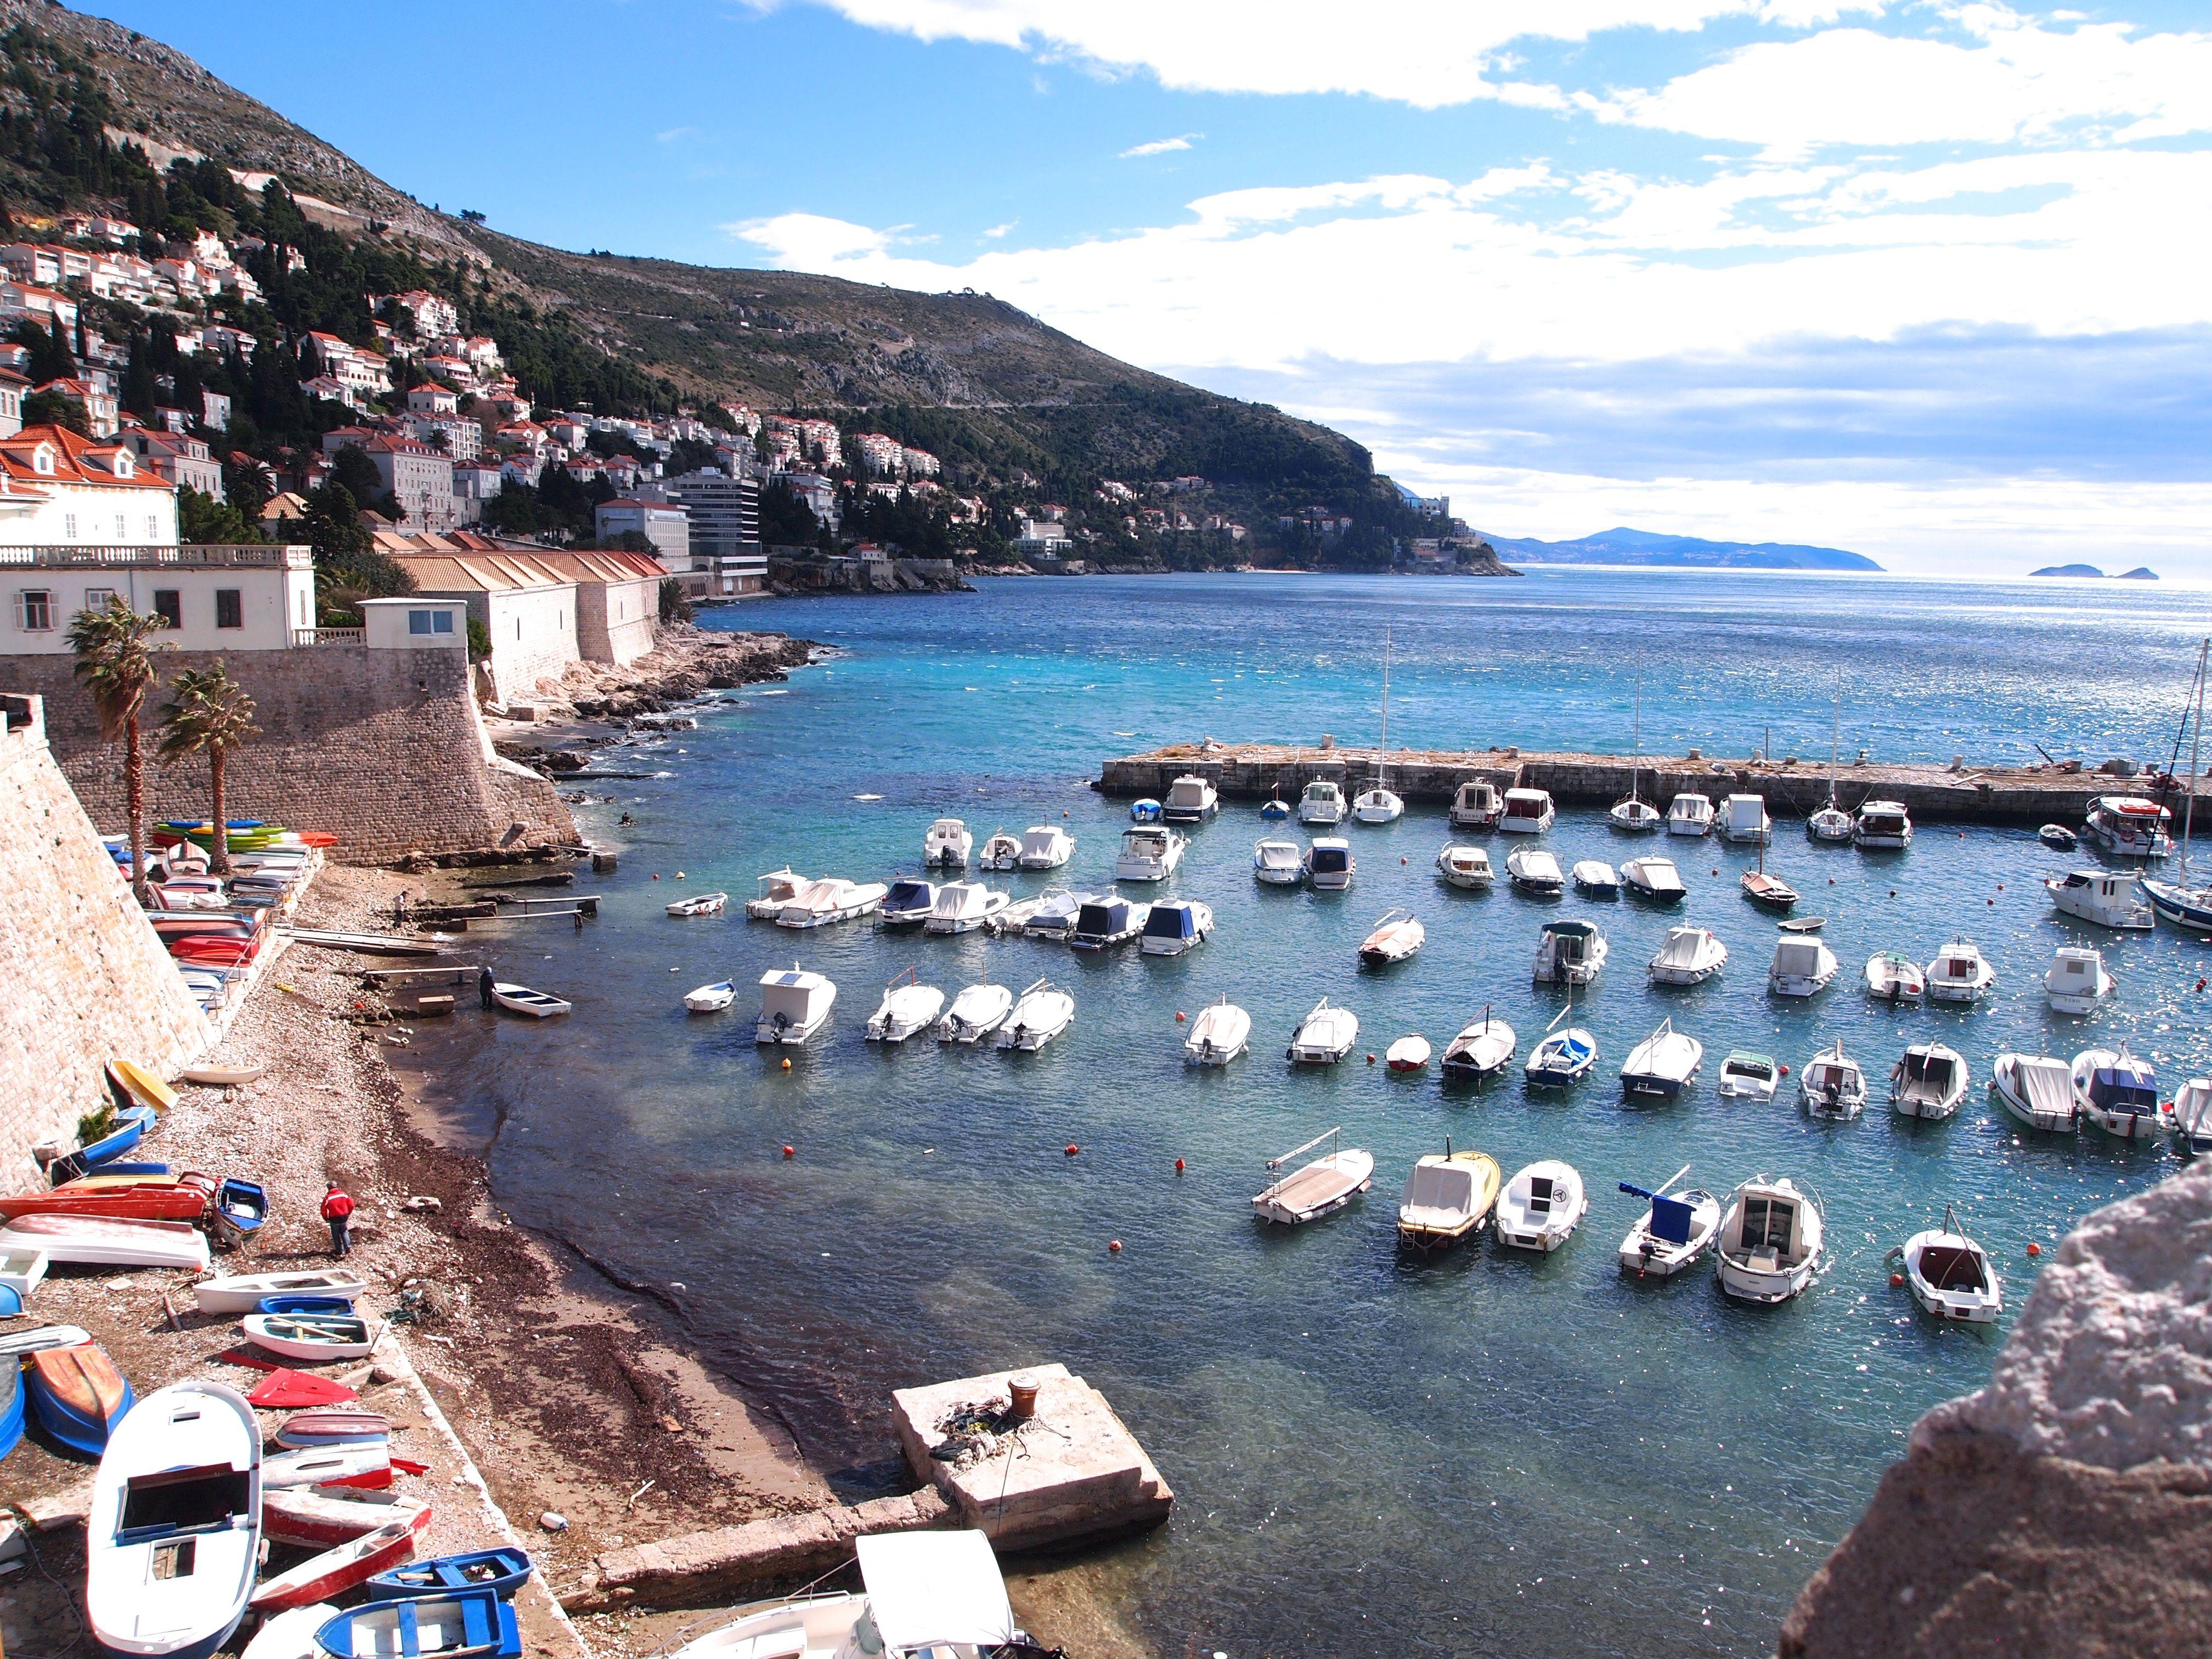 Harbor at Dubrovnik, Croatia